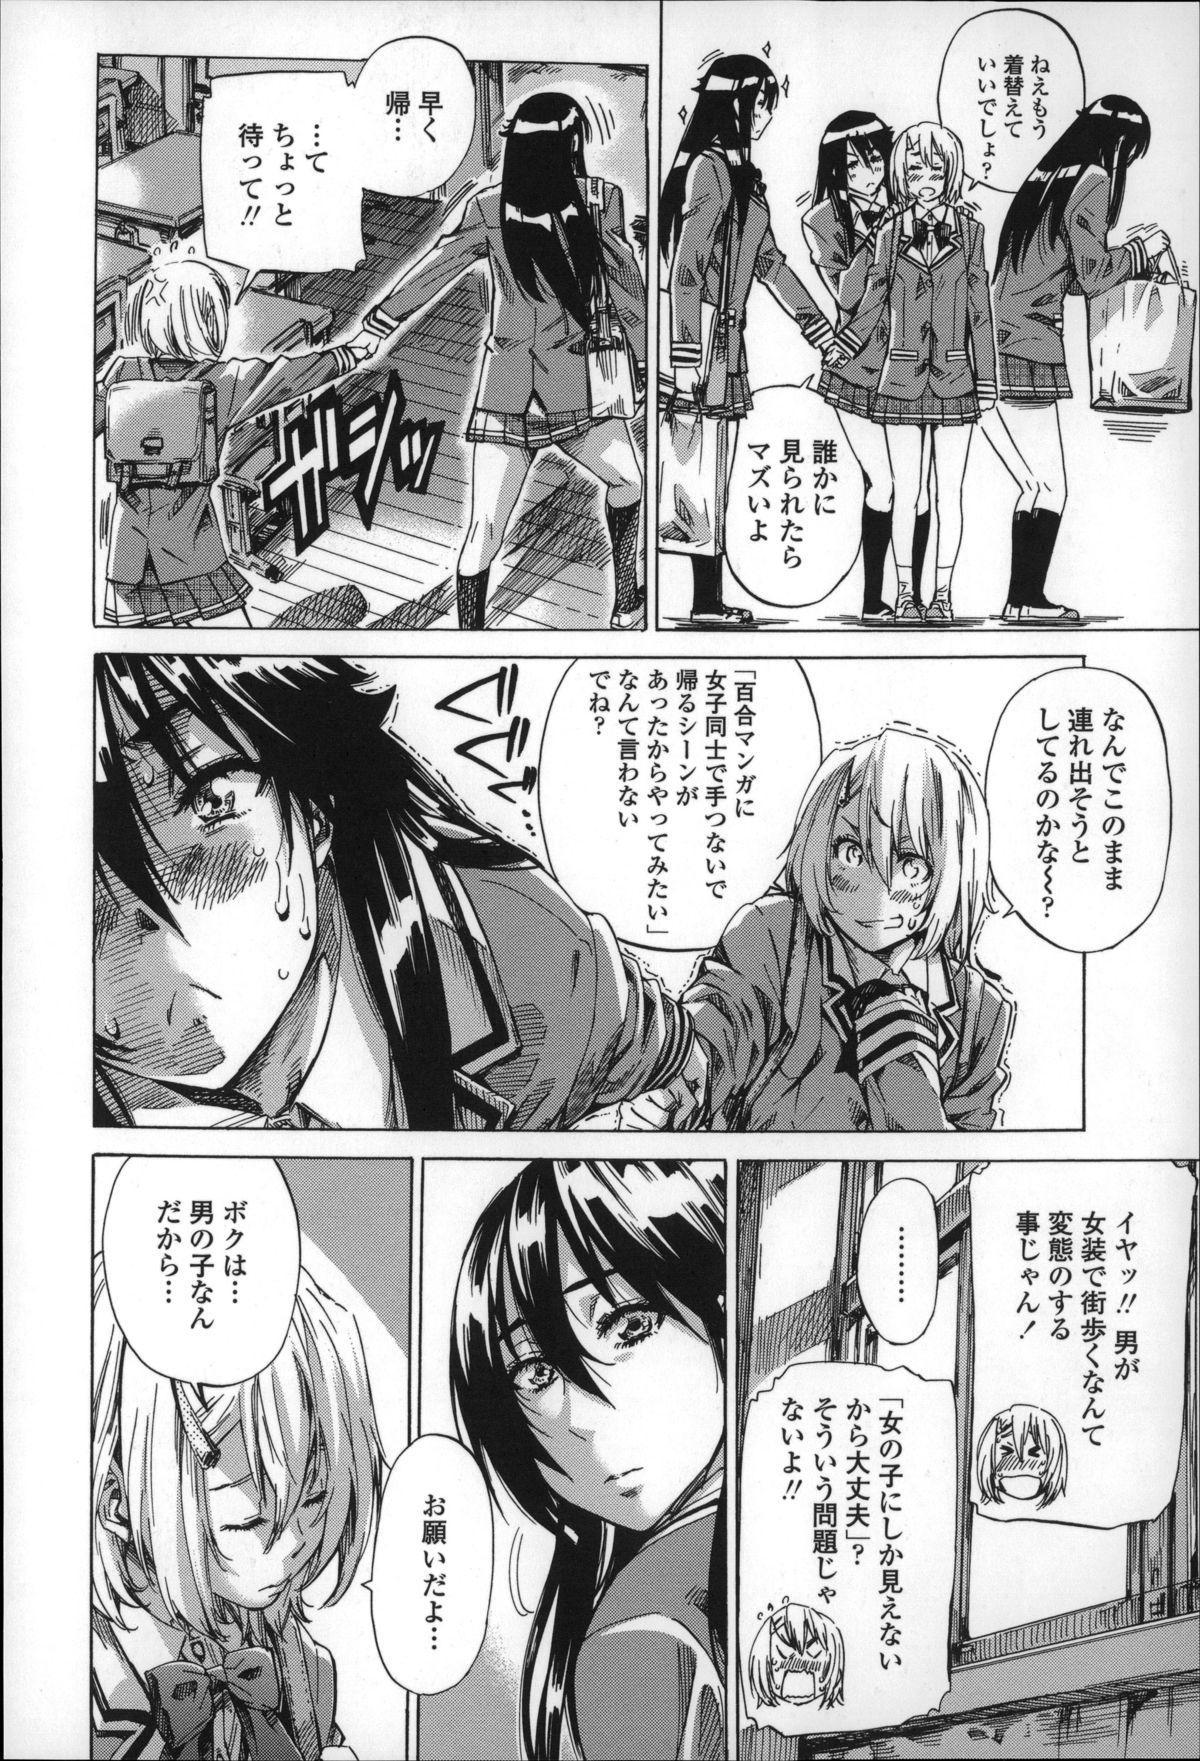 Choushin de Mukuchi no Kanojo ga Hatsujou Shite Kitara Eroiyo ne? 29